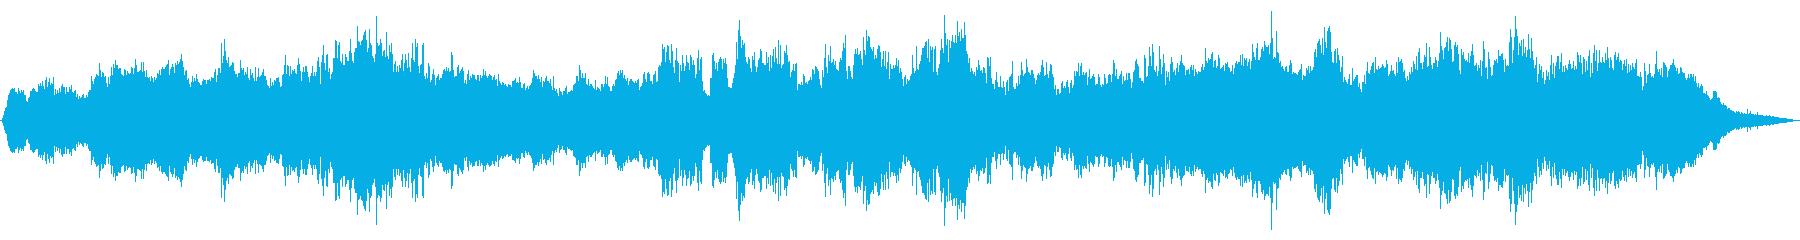 深層まで染み込む癒し系BGM-自然音アリの再生済みの波形